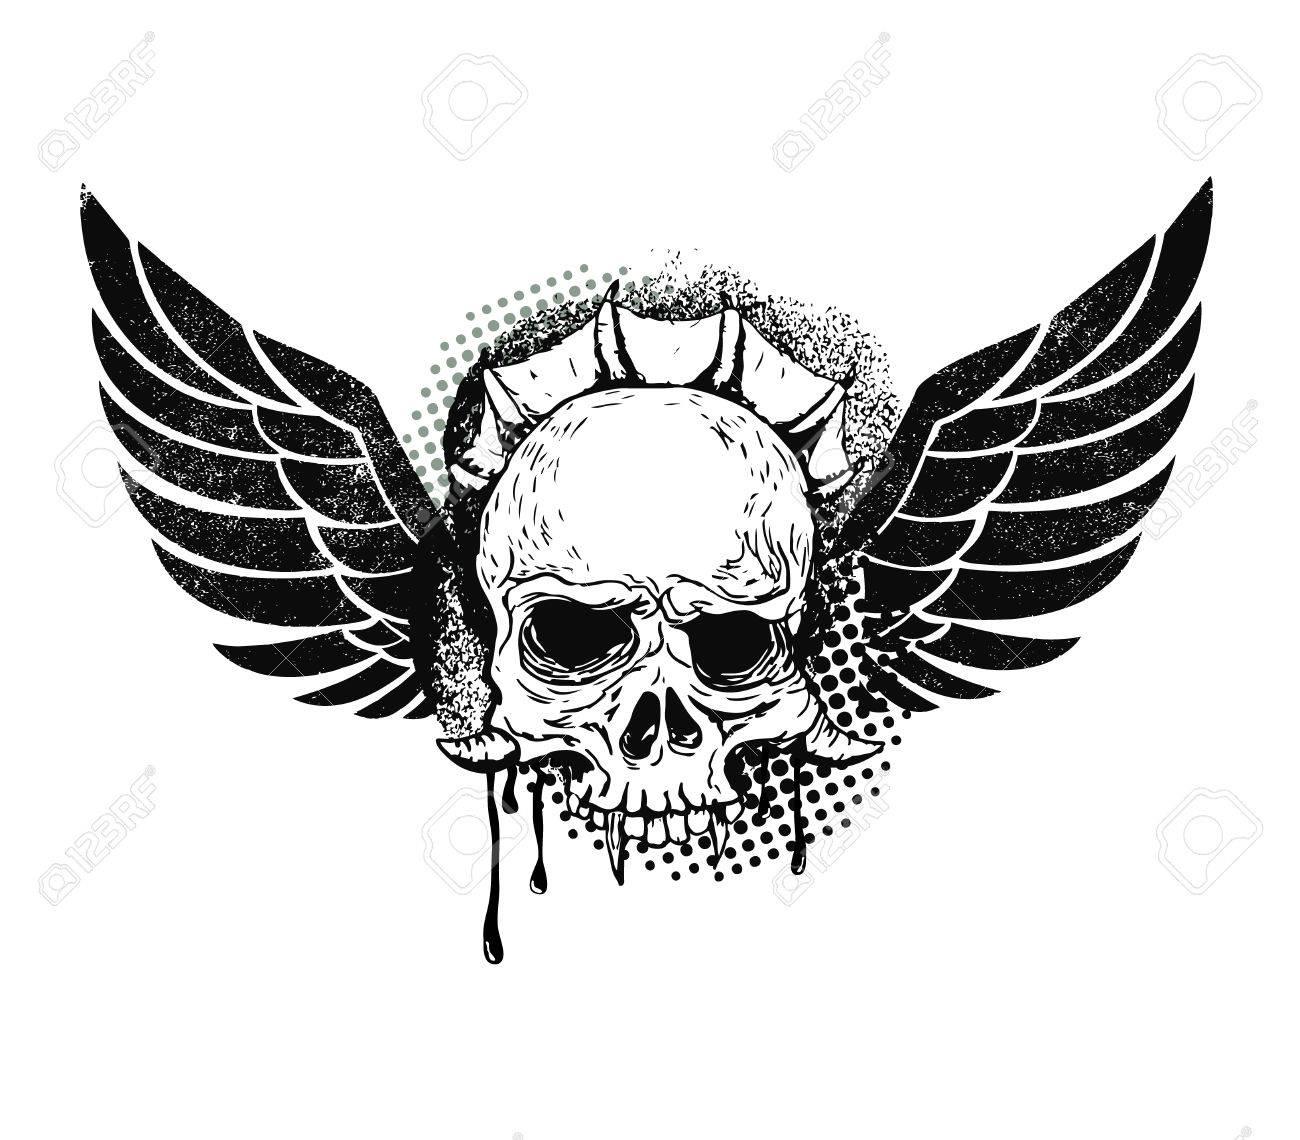 Monster Totenkopf Mit Flügeln Hand Zeichnen Totenkopf Mit Flügeln